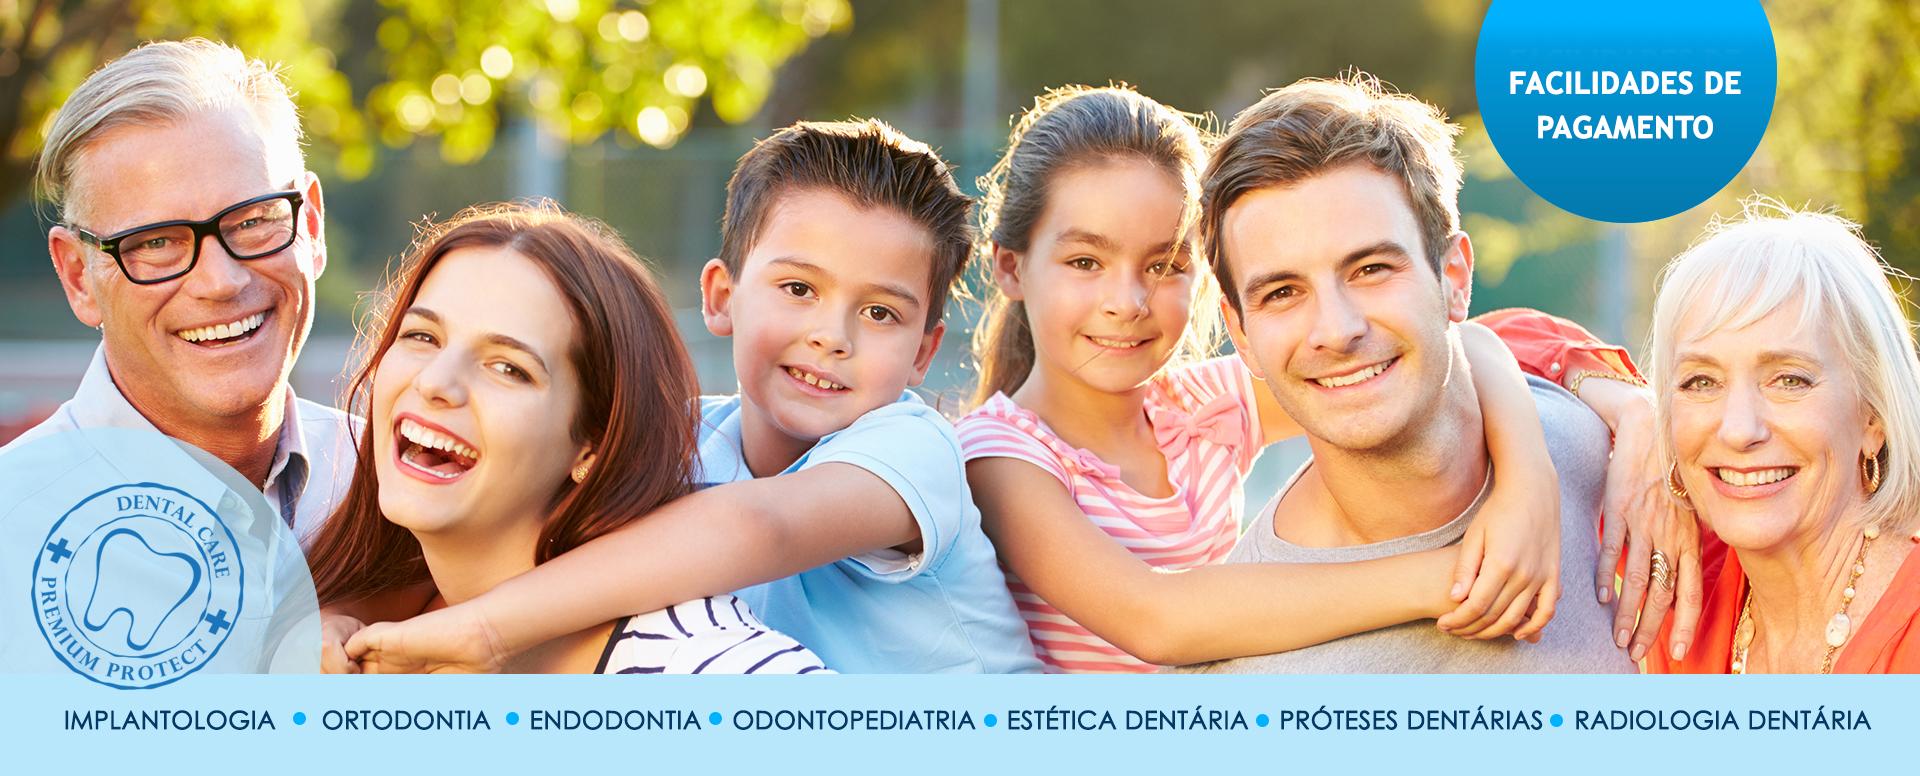 http://imdentalcare.pt/site/wp-content/uploads/2017/04/im_dentalcare_topo-1.jpg